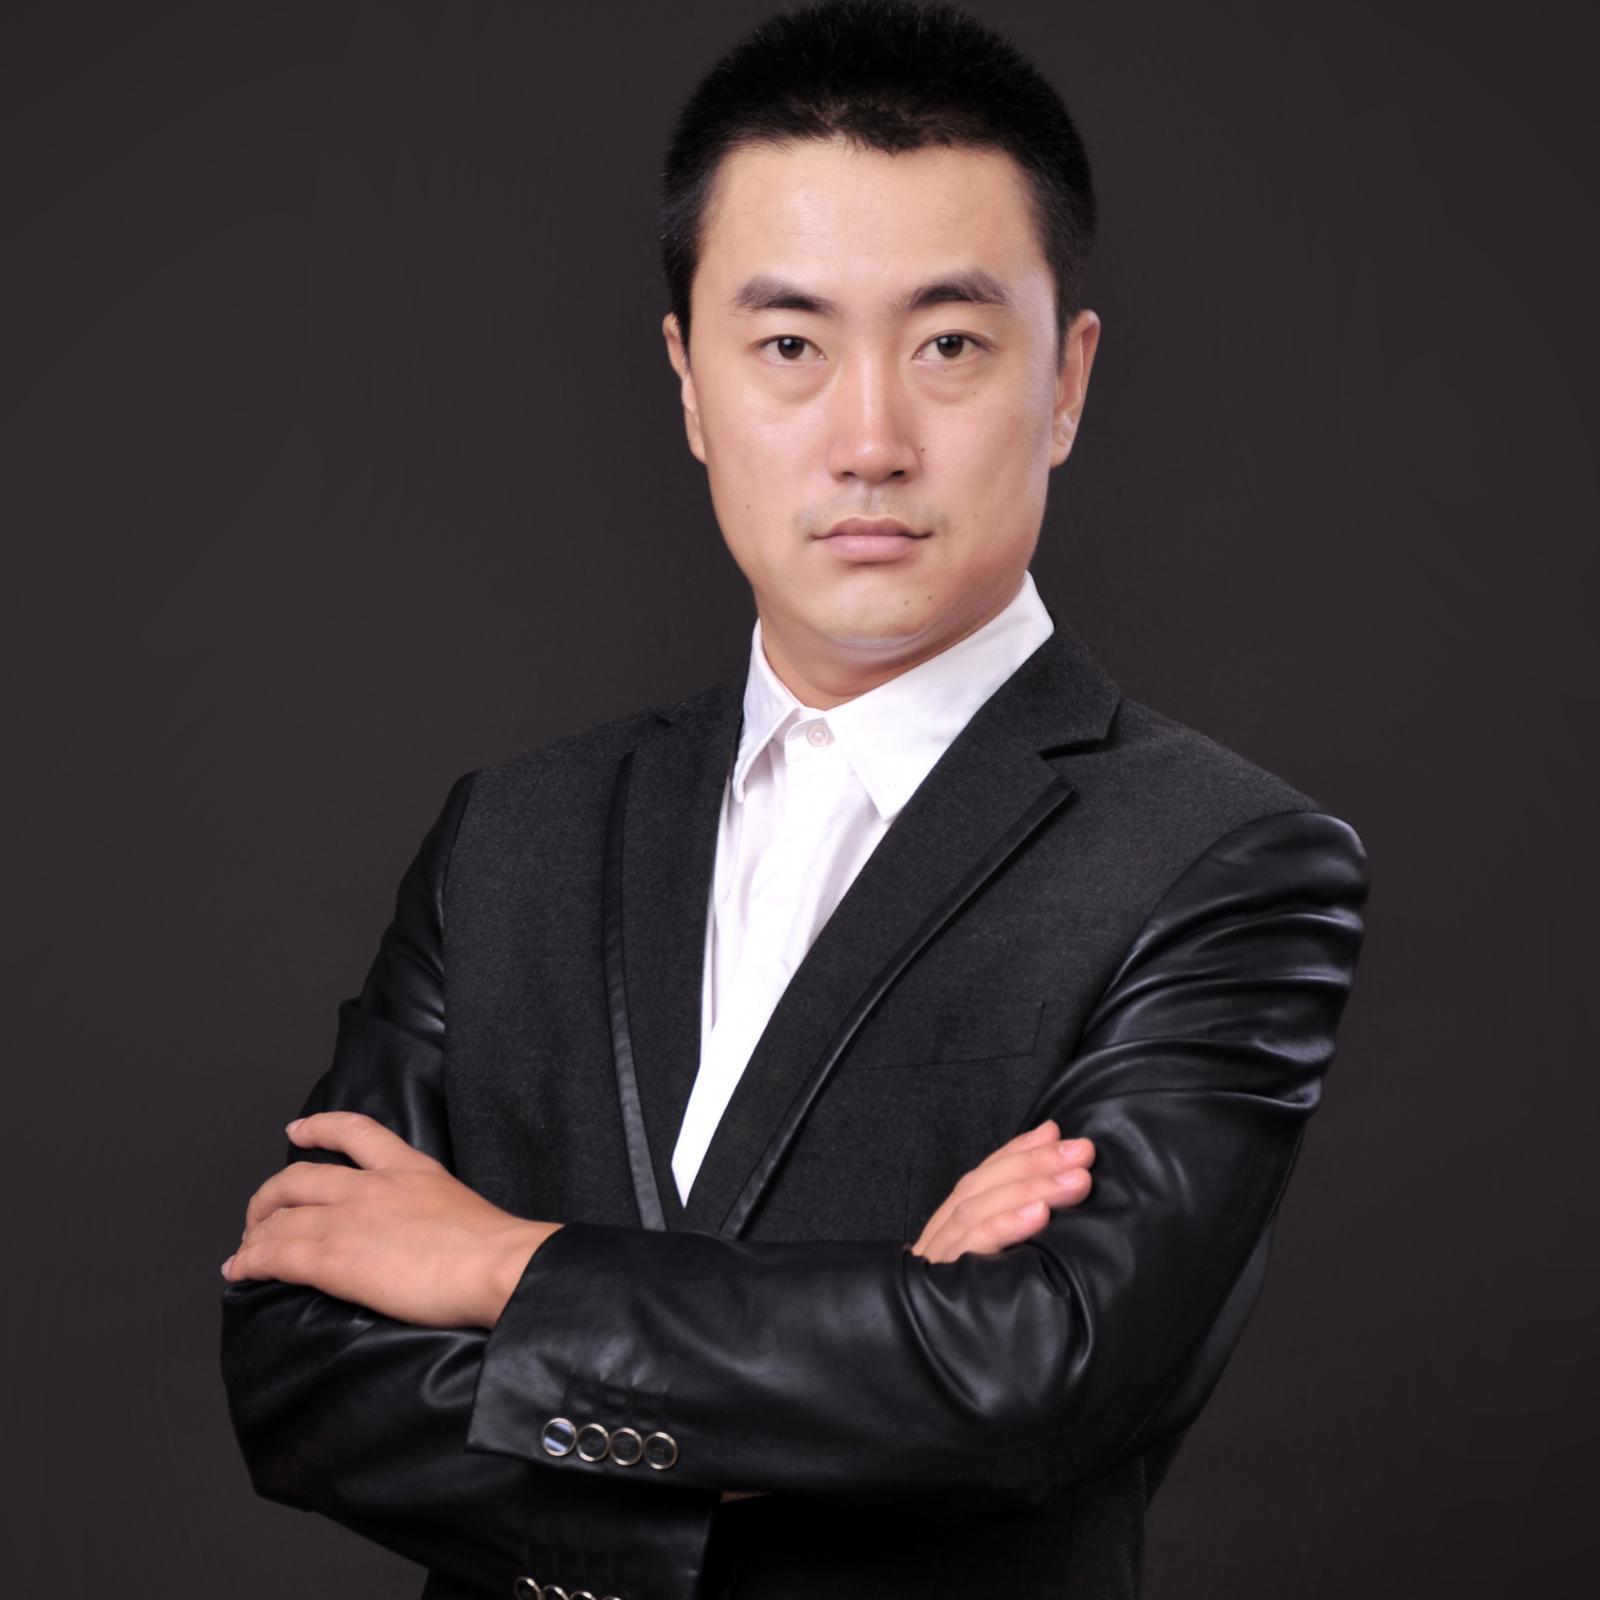 【西安城市人家装修公司】南郊旗舰店设计师:于小东